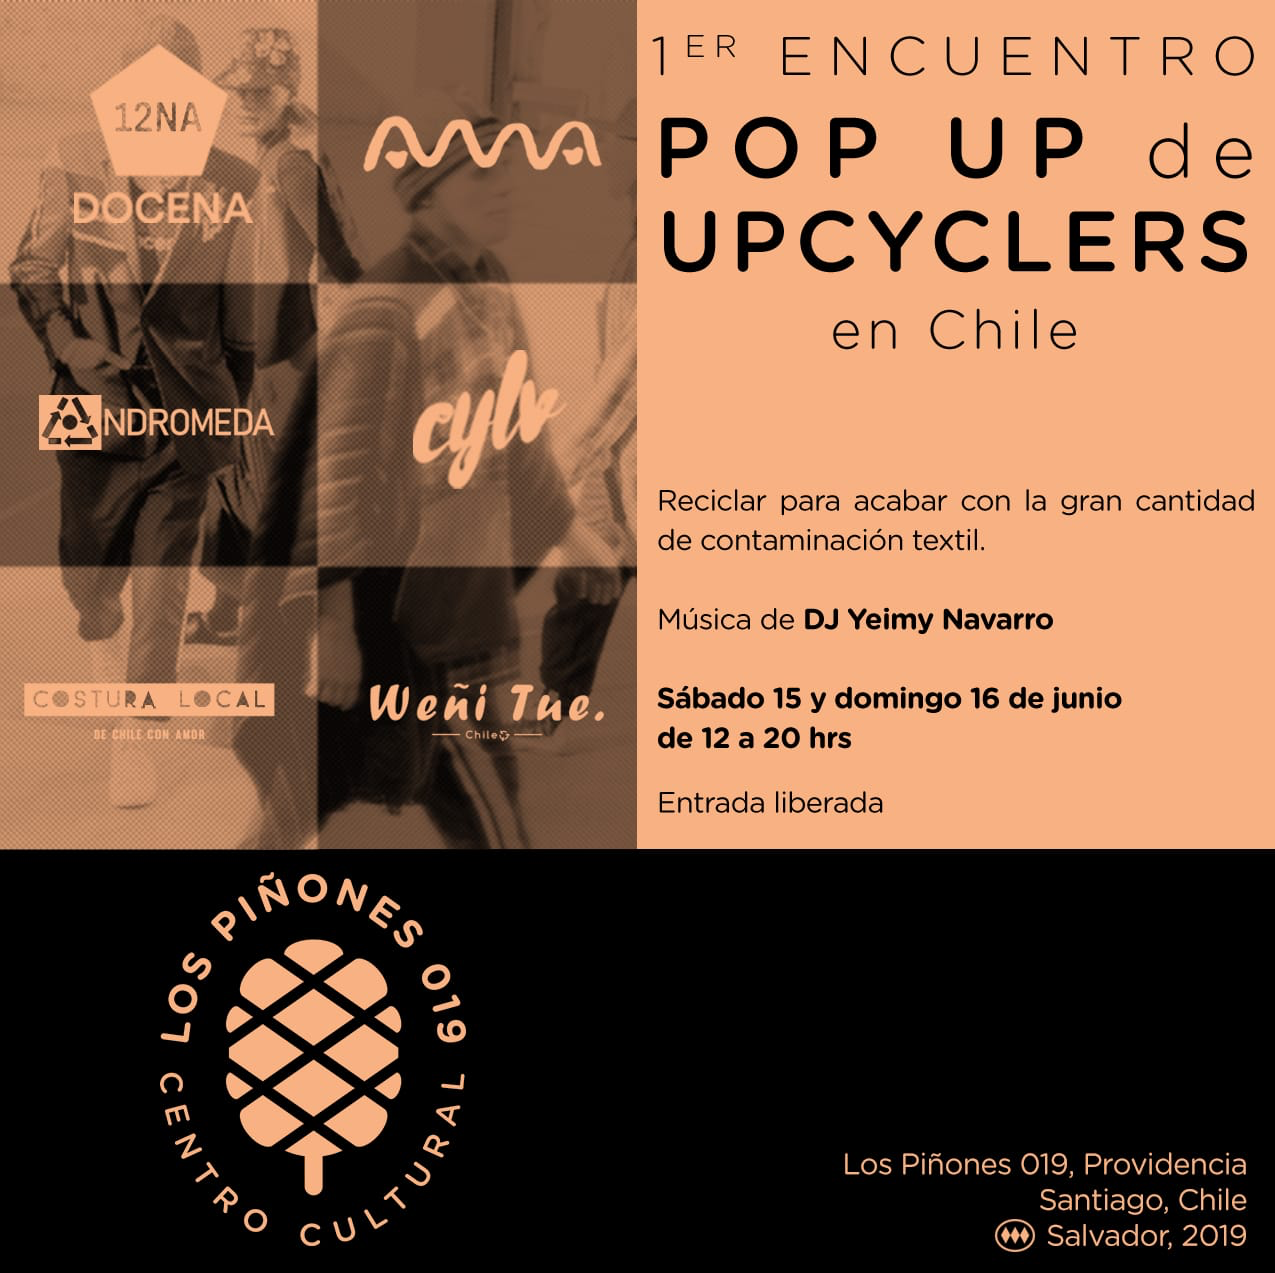 UPCY, el pop up que busca difundir el upcycling en Chile